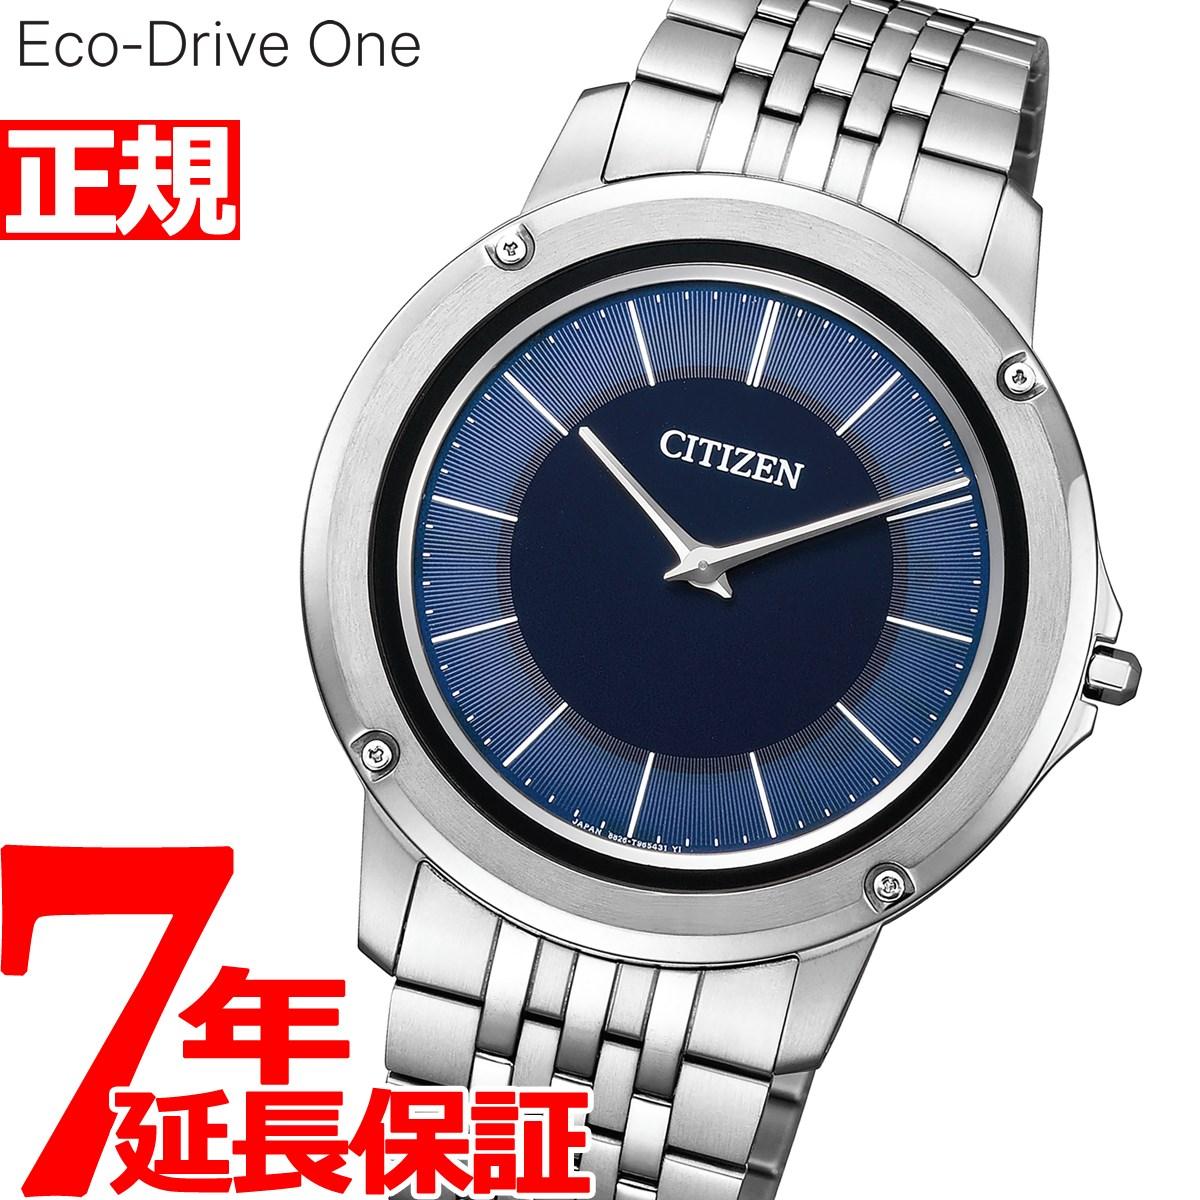 【本日限定!店内ポイント最大60倍&2000円OFFクーポン!10日23時59分まで】シチズン エコドライブ ワン CITIZEN Eco-Drive One ソーラー 腕時計 メンズ AR5050-51L